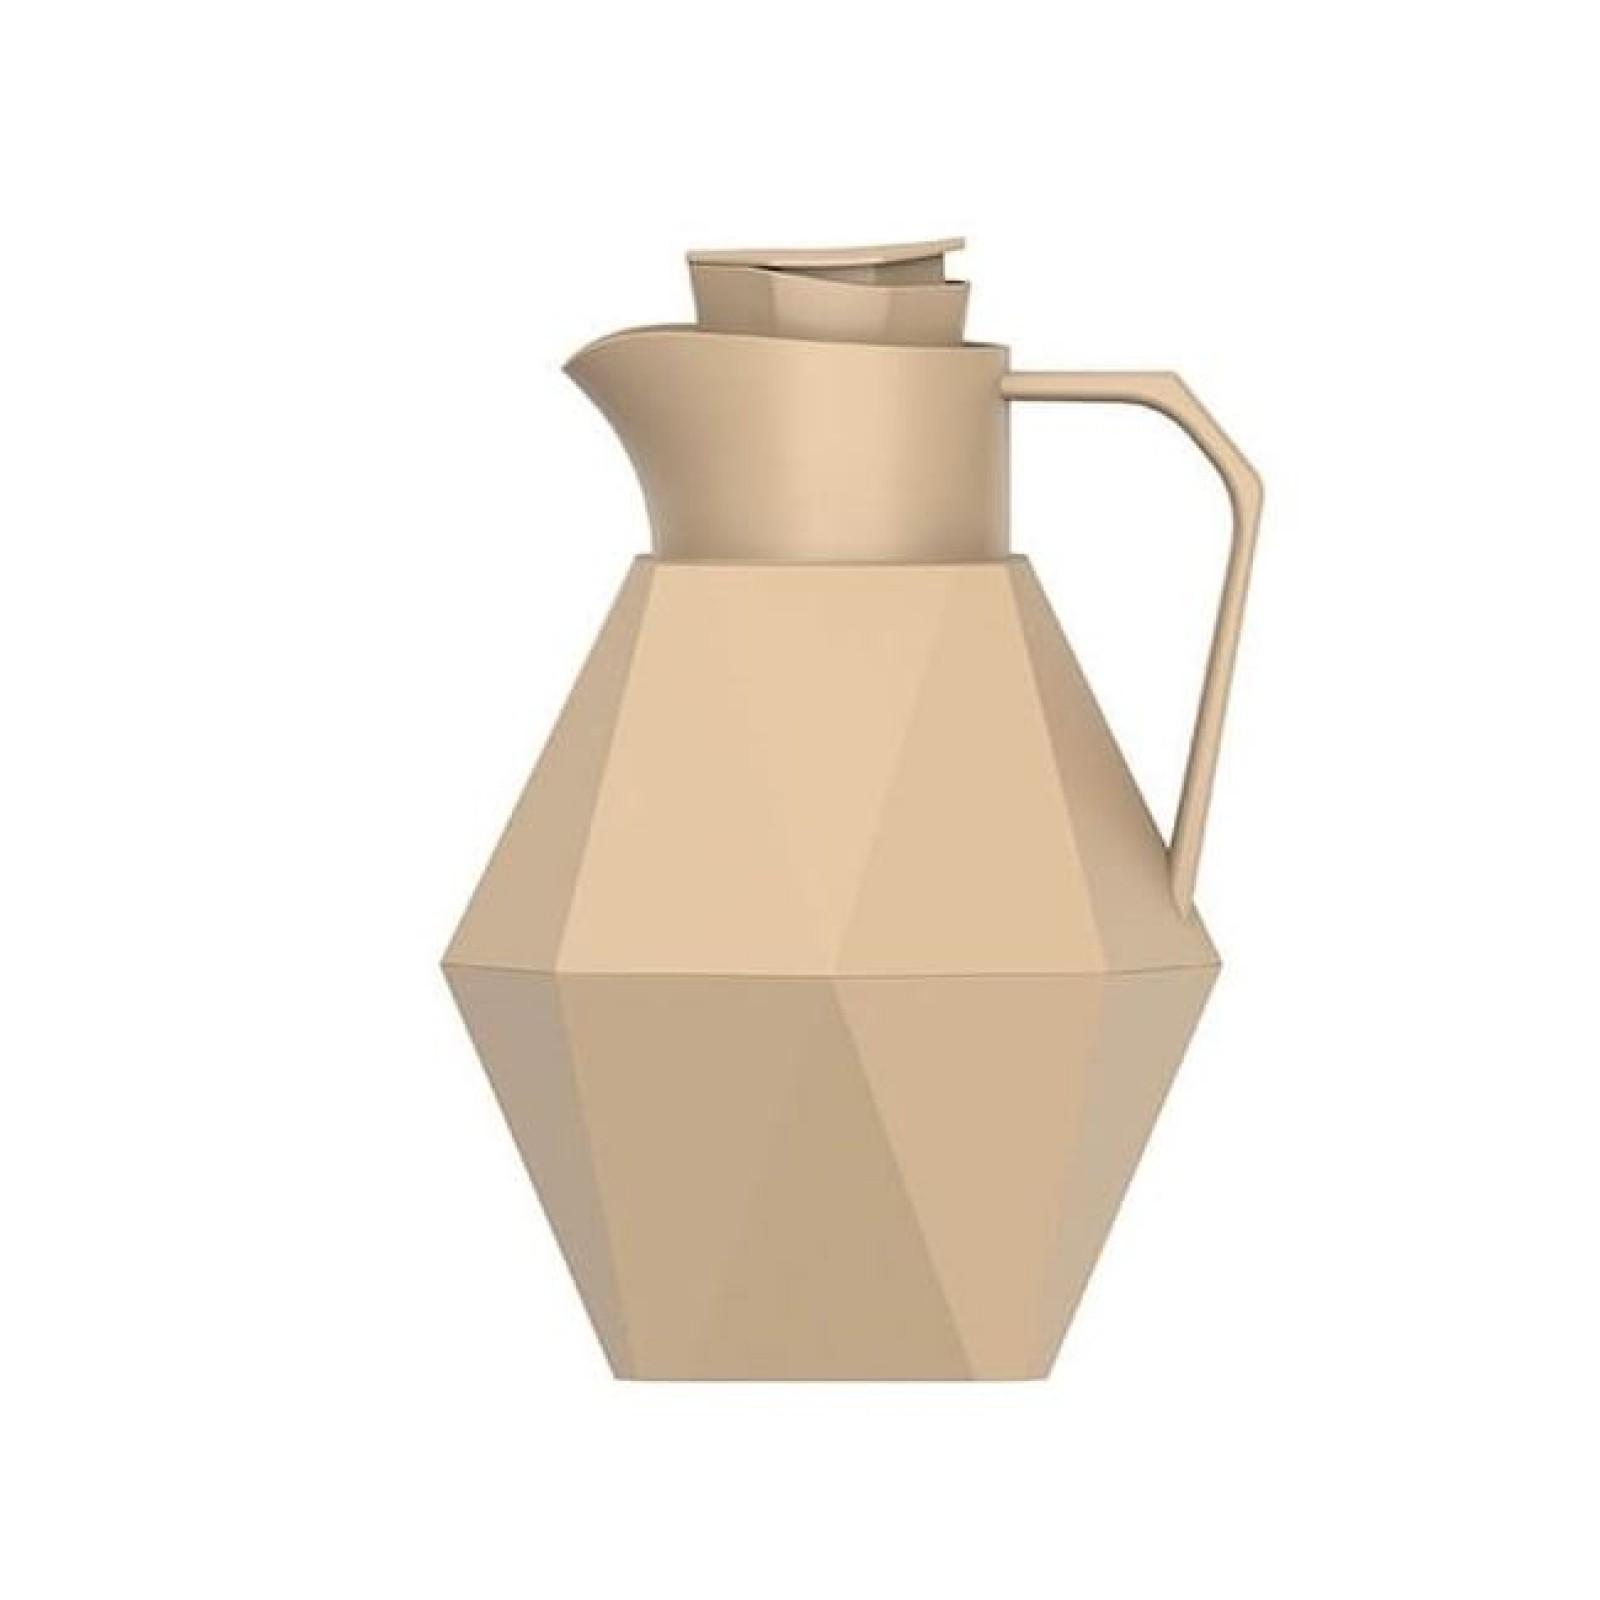 Καράφα / Θερμός Origami 1000 ml (Καφέ Άμμου) - Present Time